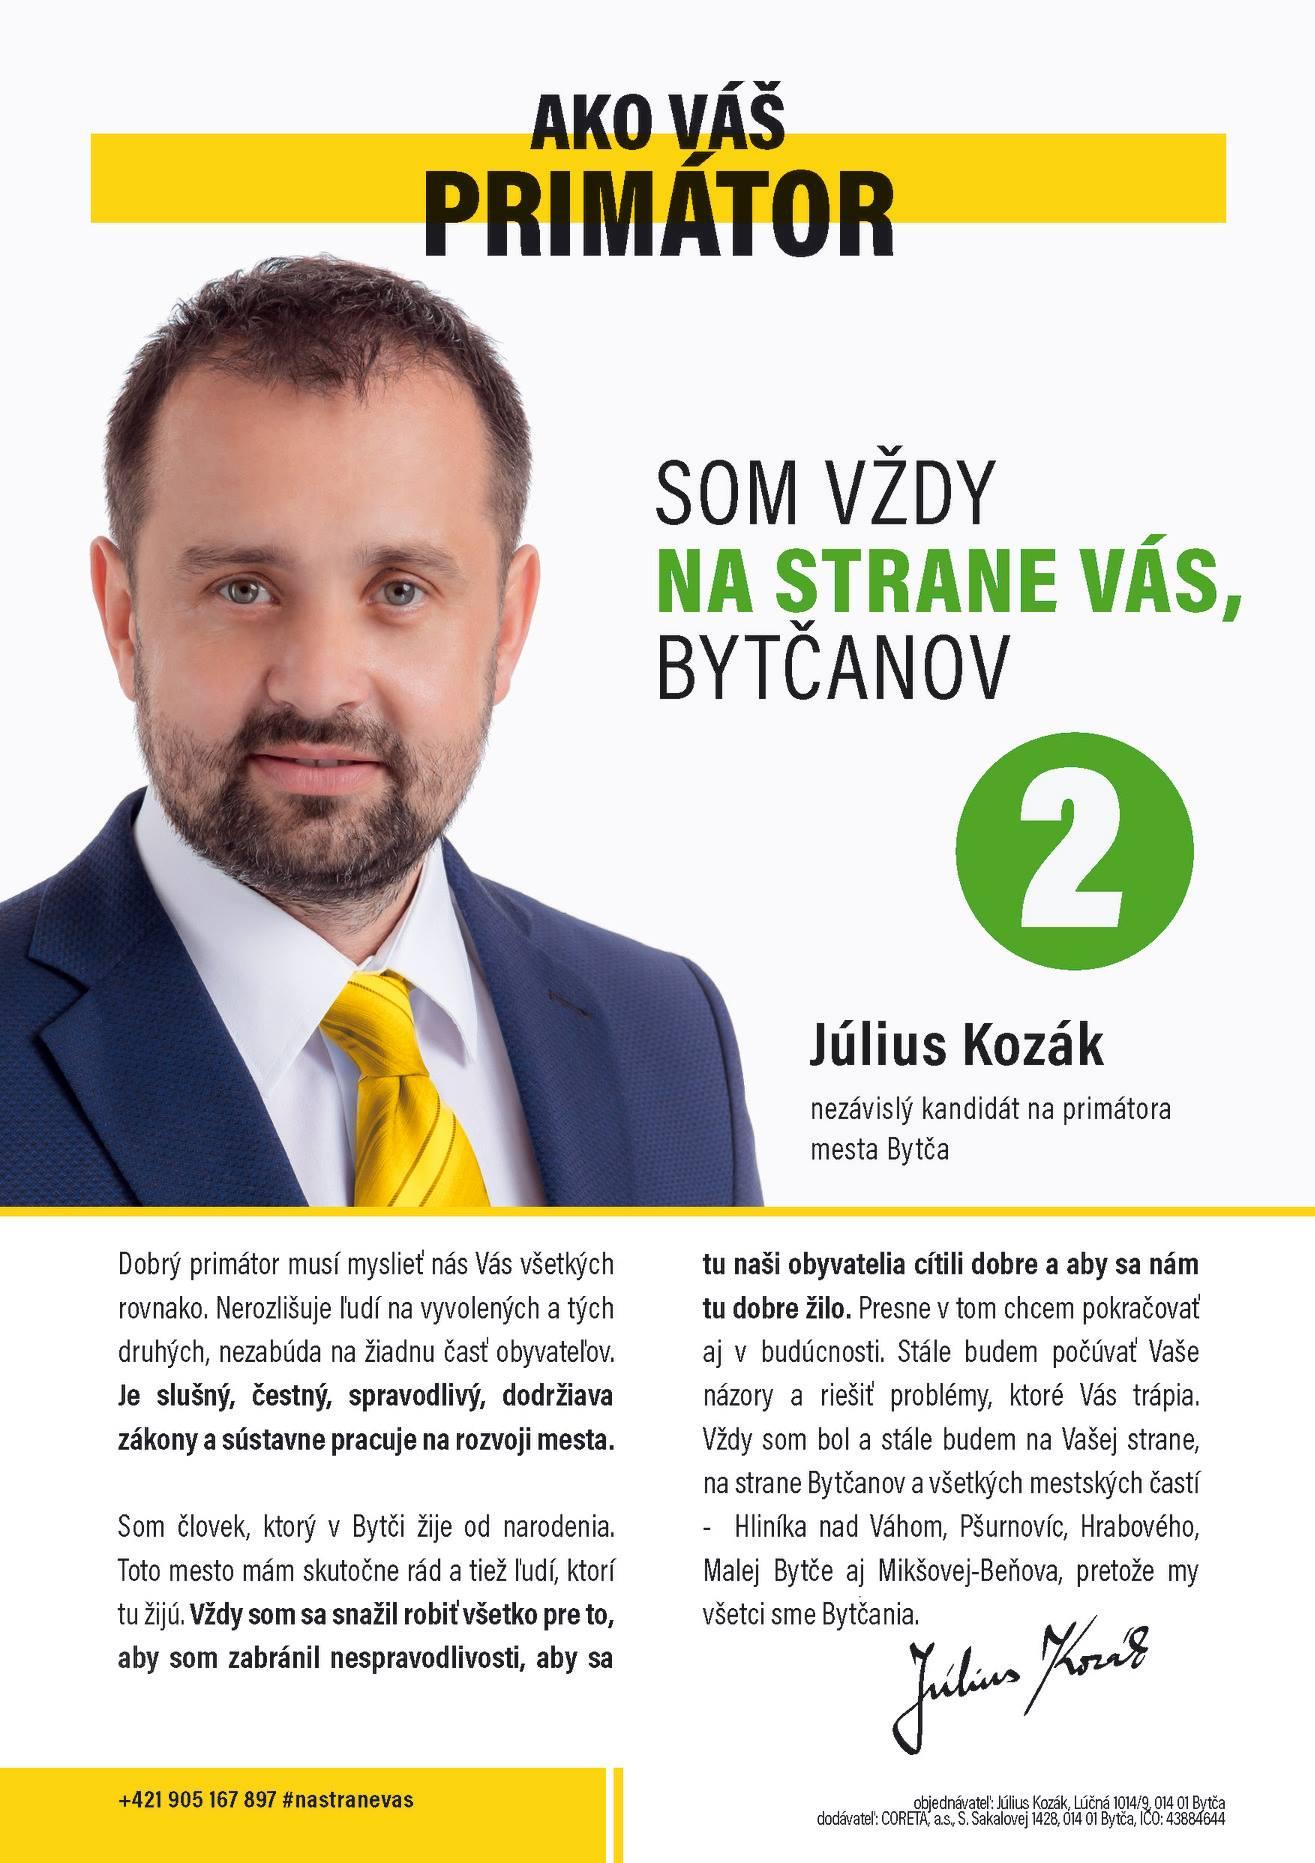 Július Kozák